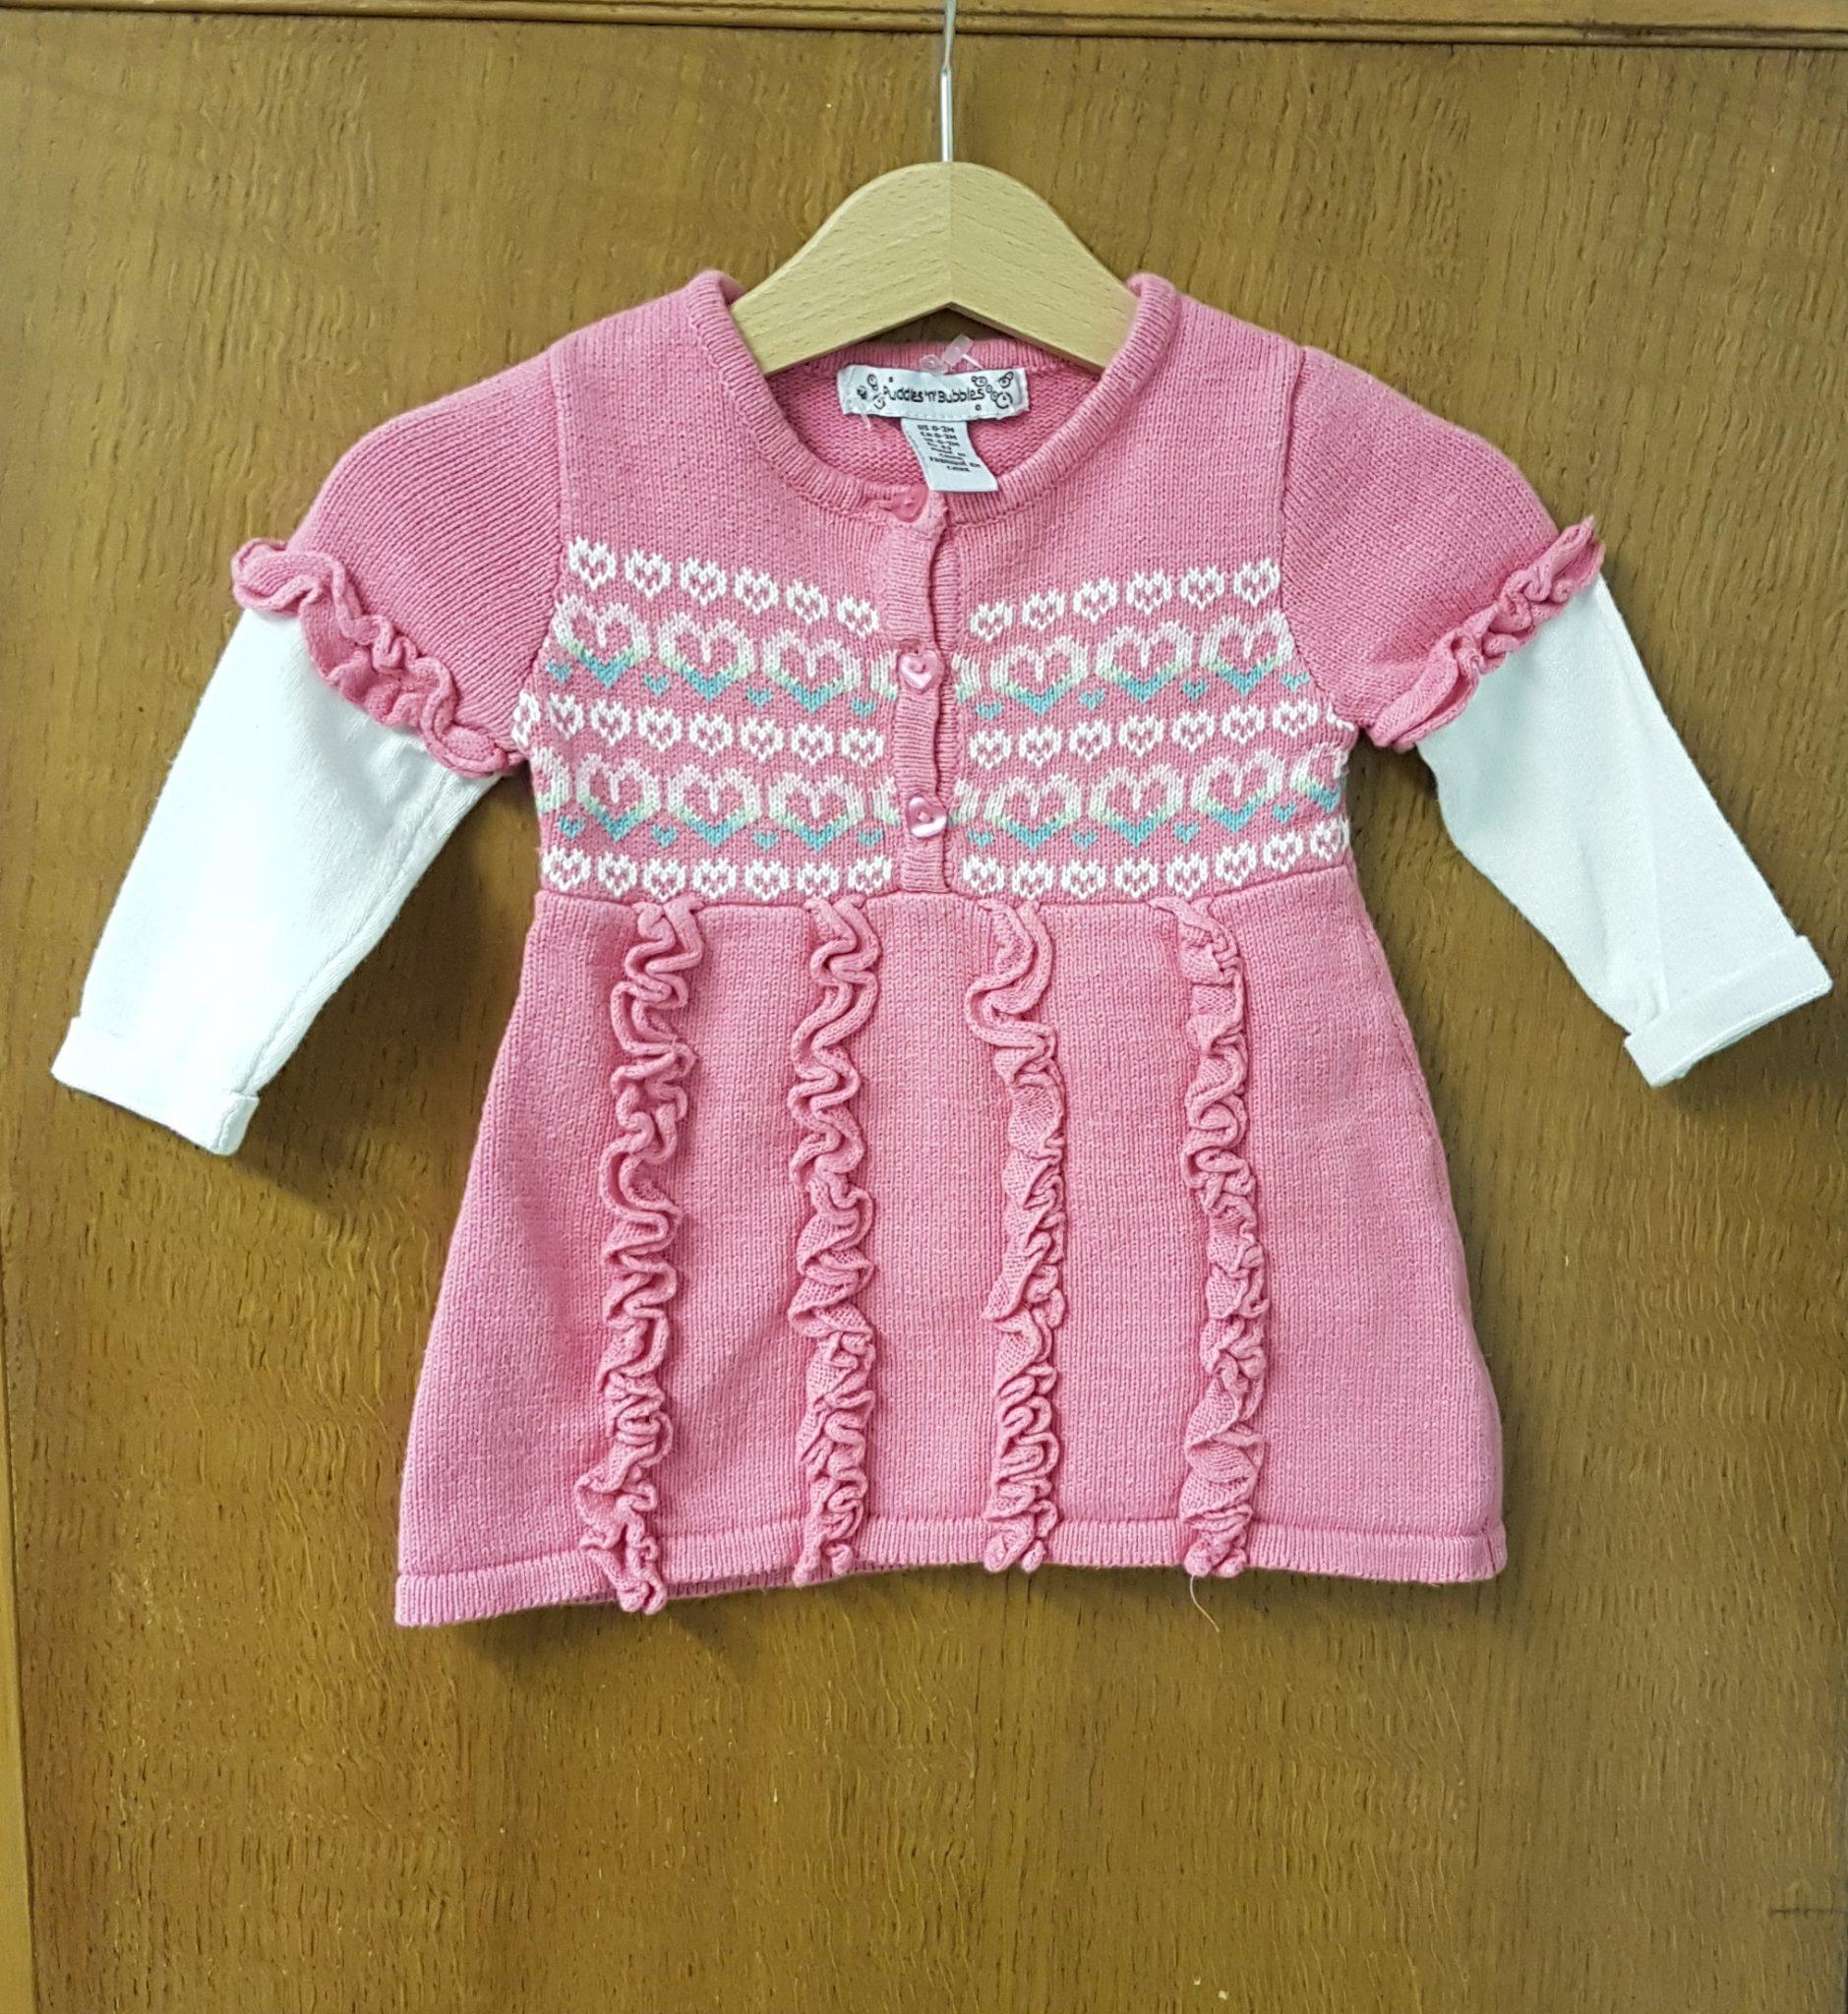 45a4faf223e3 Puddles   Bubbles Dress Pink Knit 0-3 months